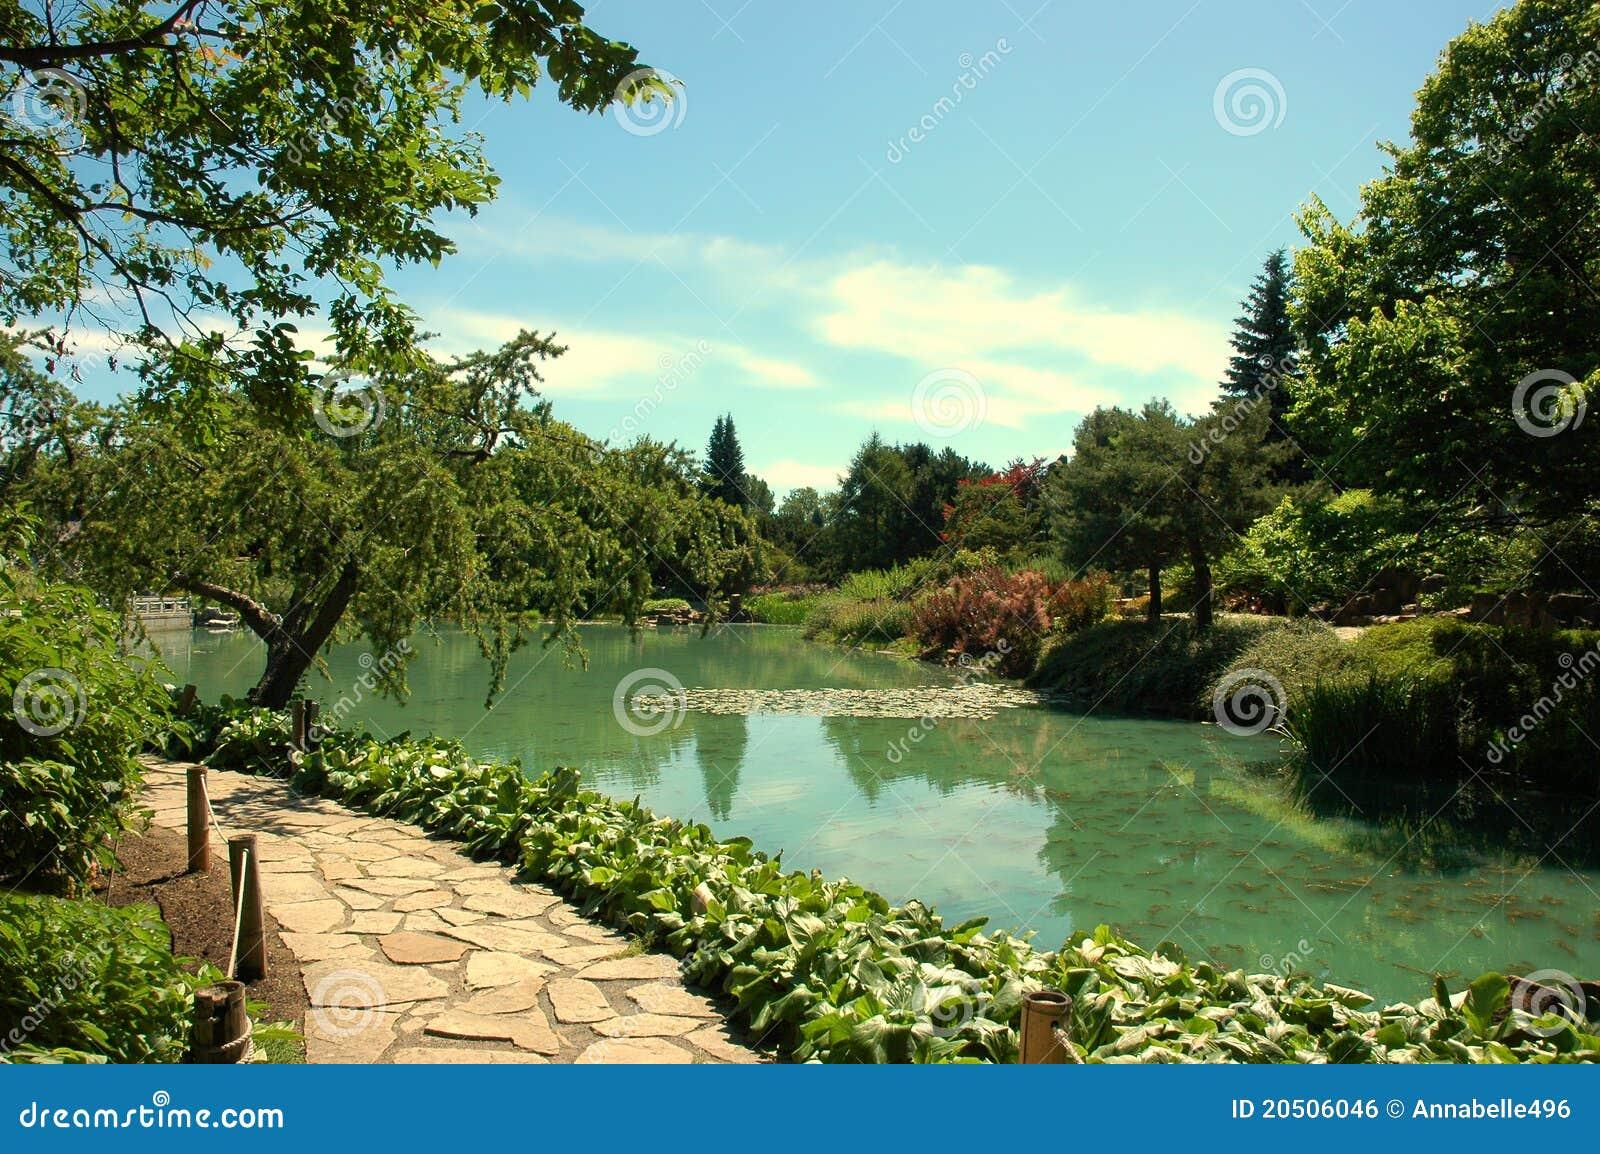 pedra jardim caminho:Stone Pathway Garden